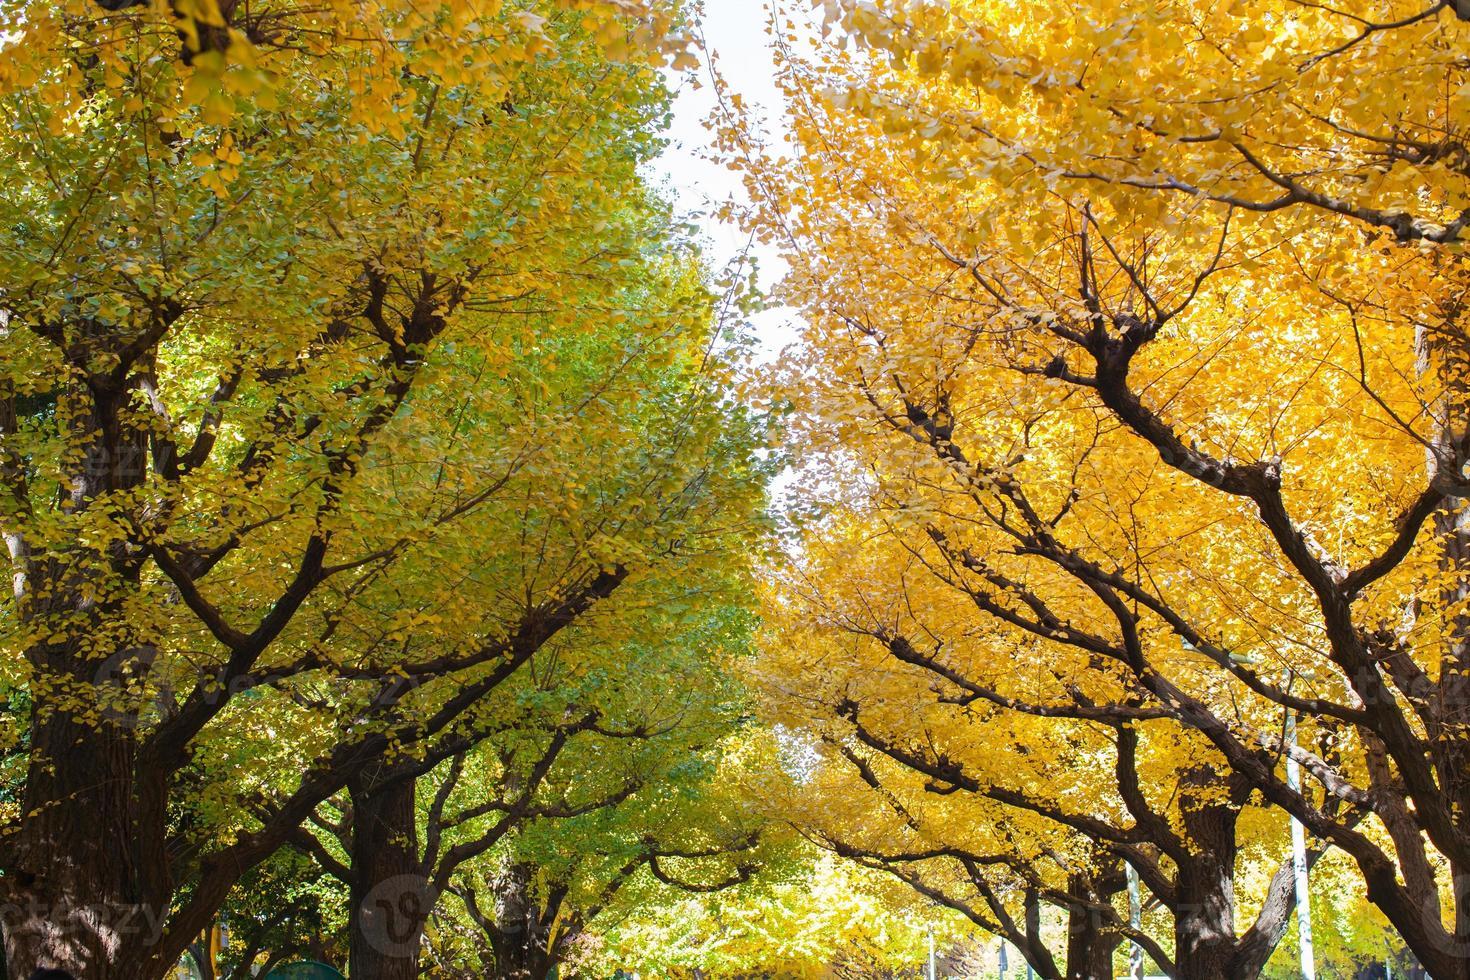 arbres d'automne colorés photo